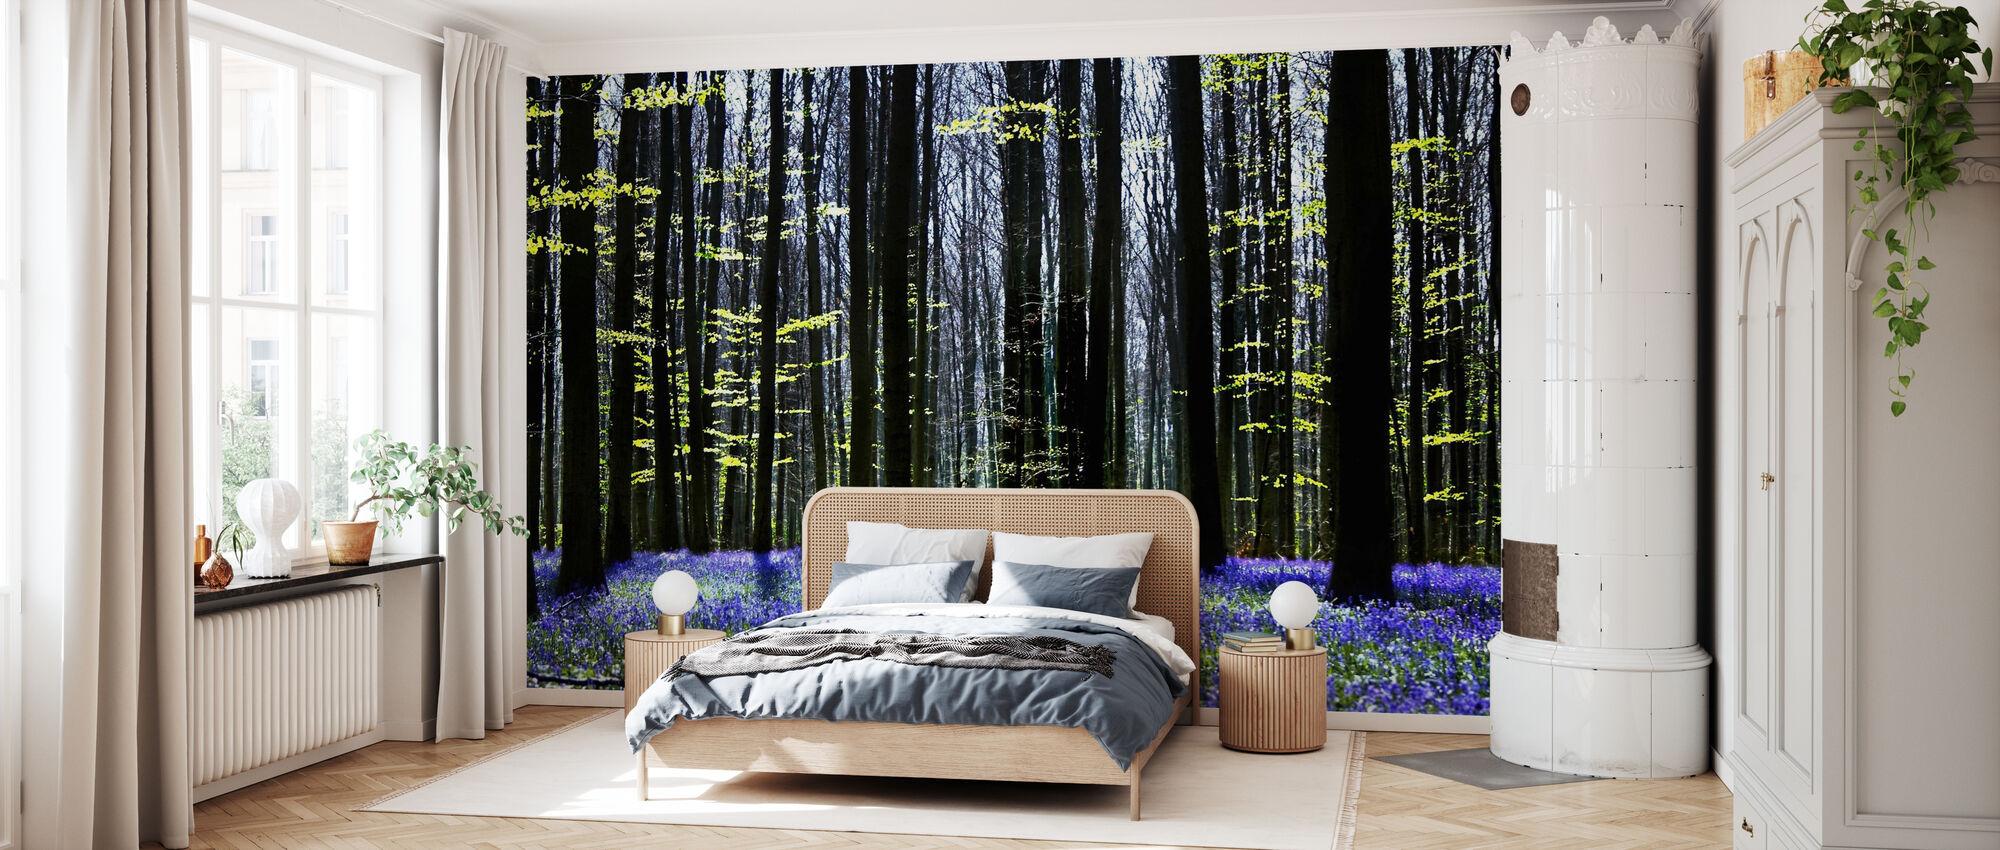 Dark Tree and Bluebells - Wallpaper - Bedroom